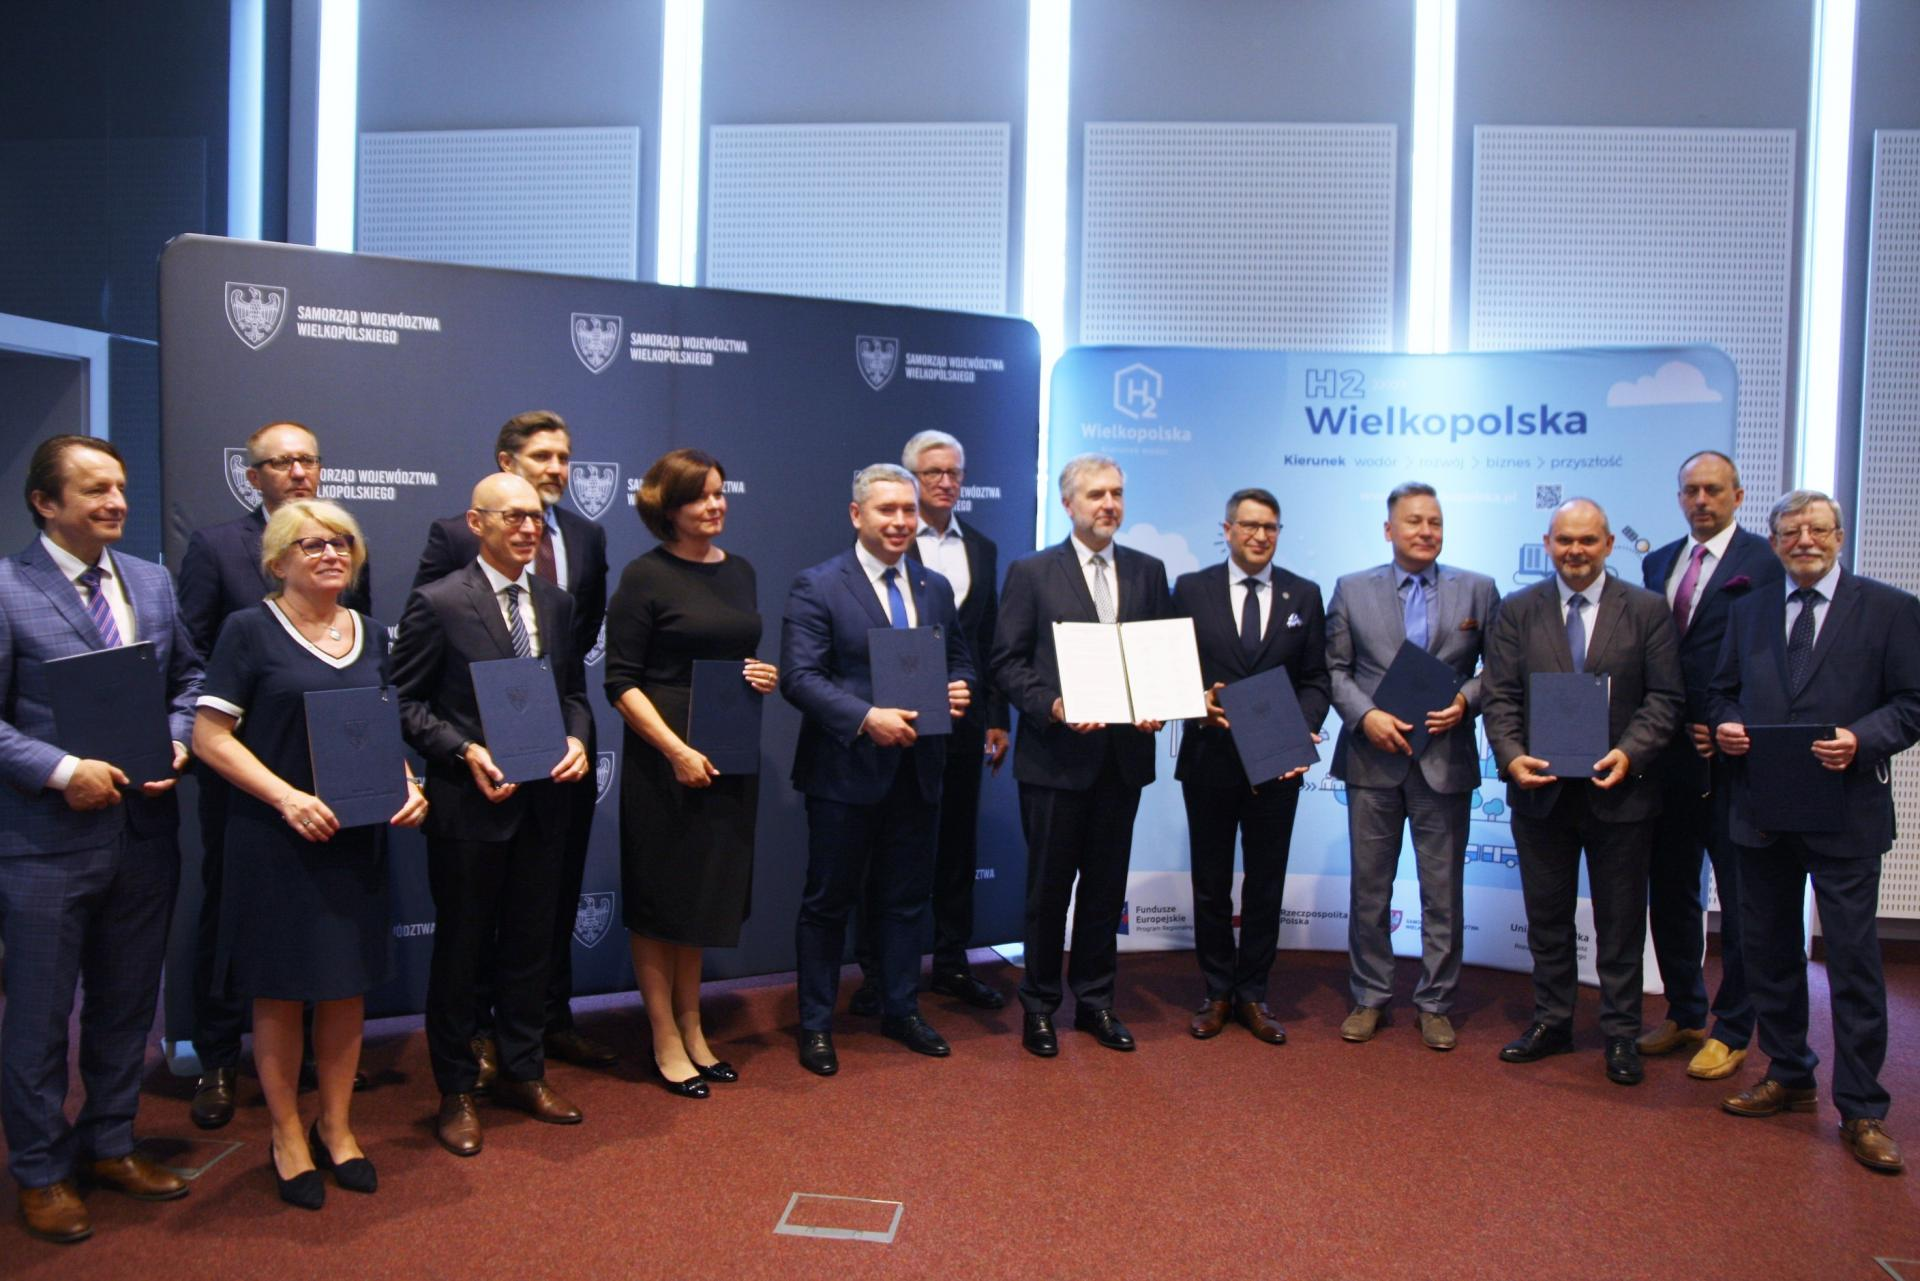 Podpisanie Deklaracji o woli powołania Wielkopolskiej Doliny Wodorowej